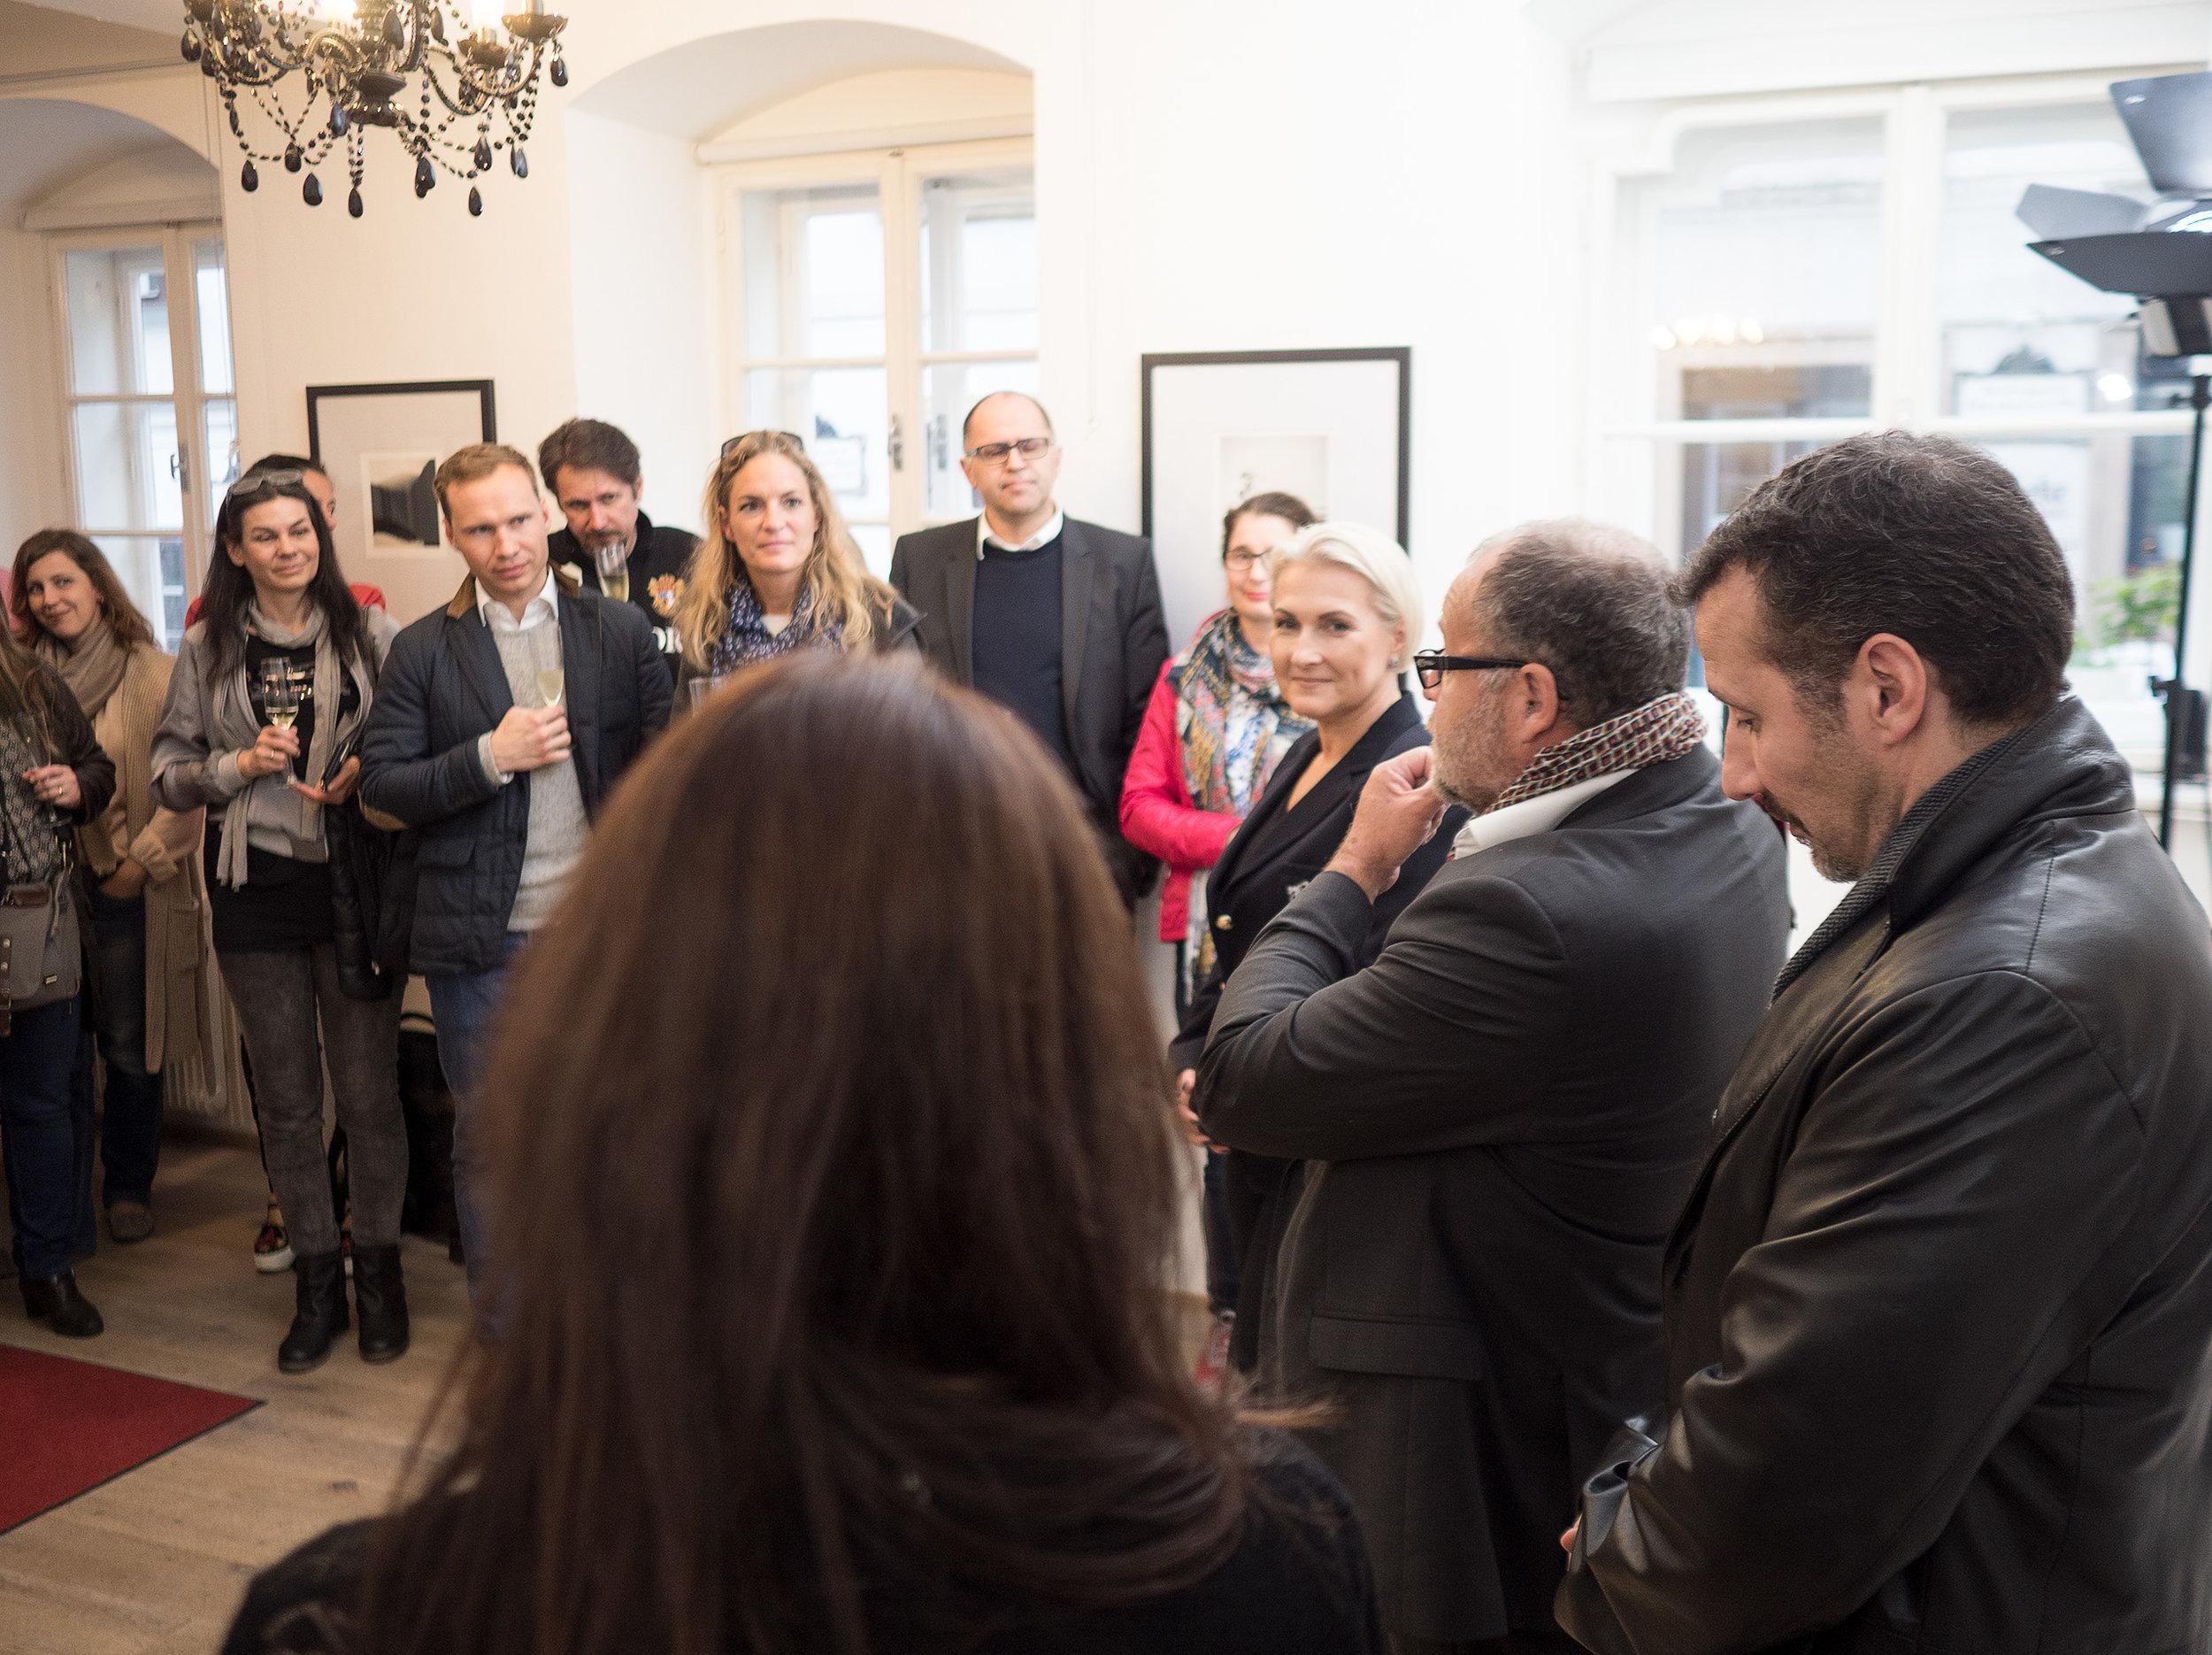 Galerie_LIK_deAngelis044.jpg